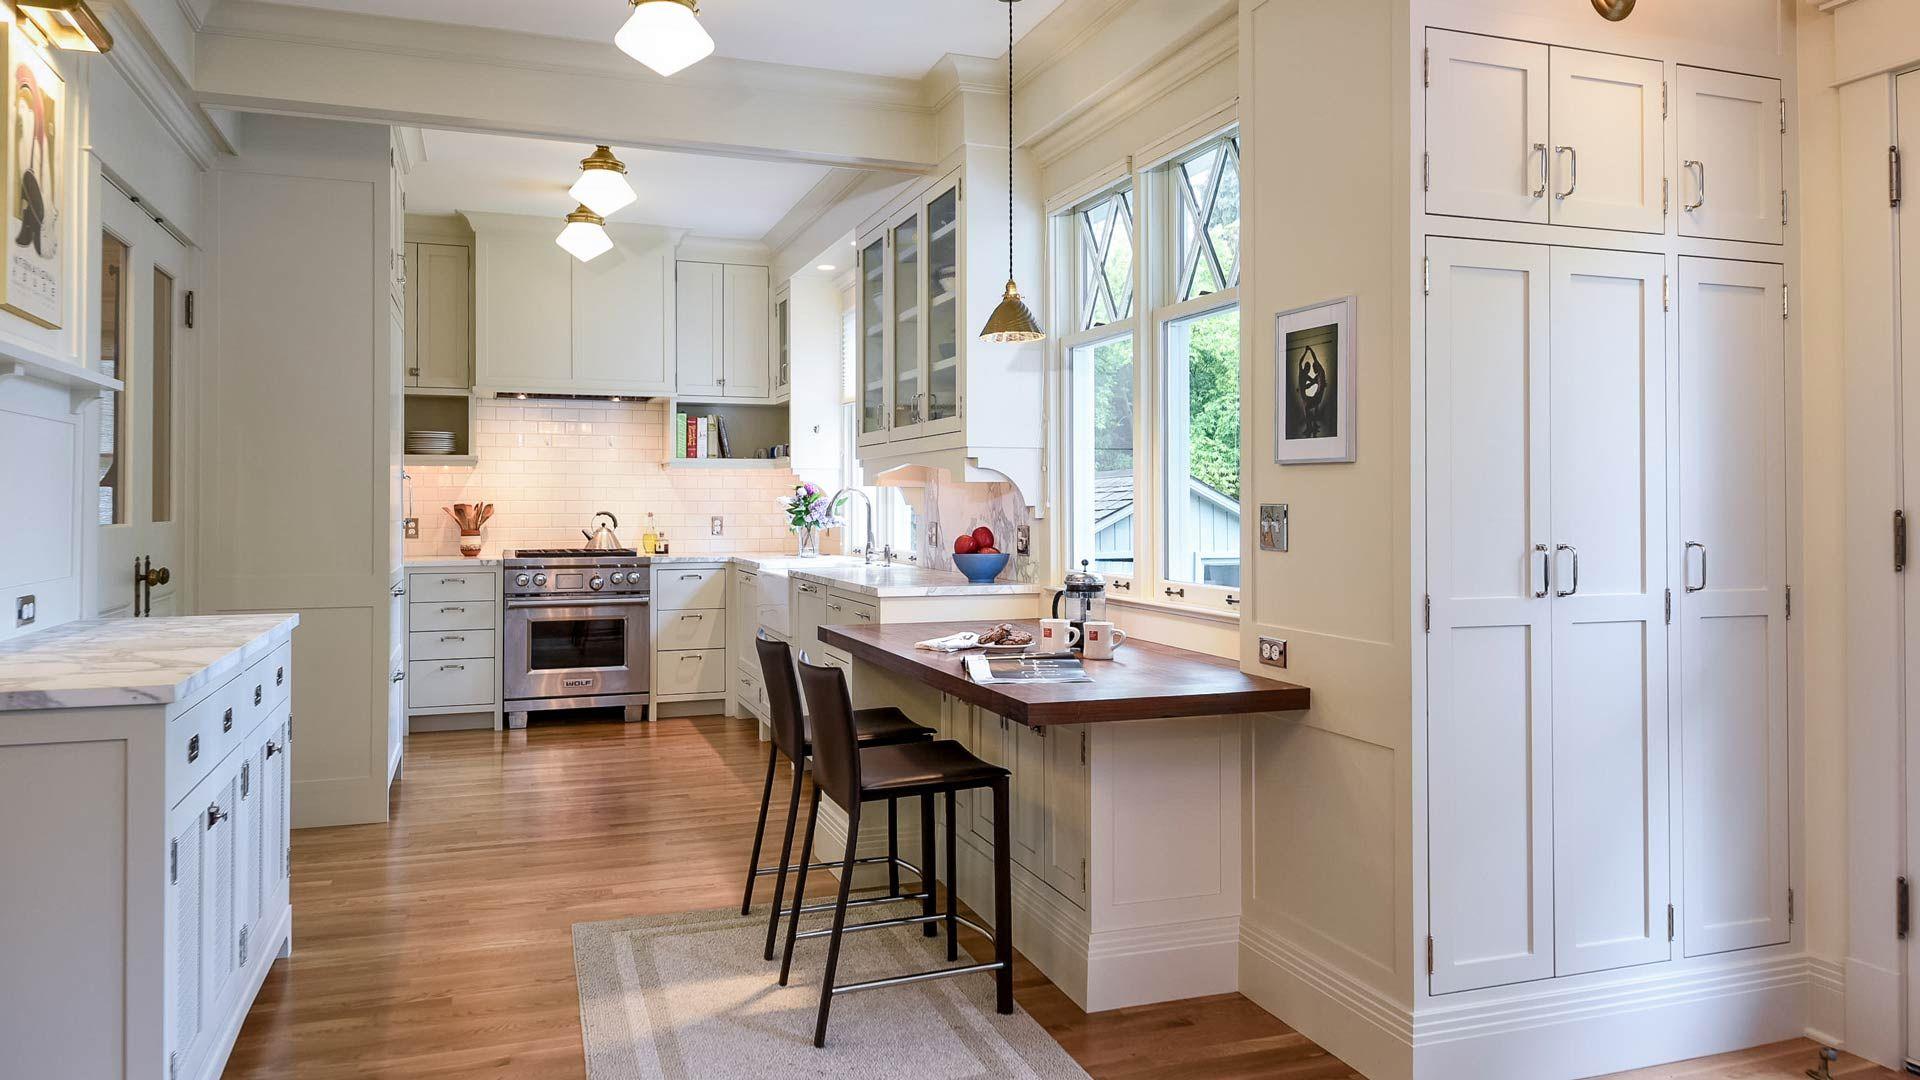 Home Jas Design Build Building Design Home Design